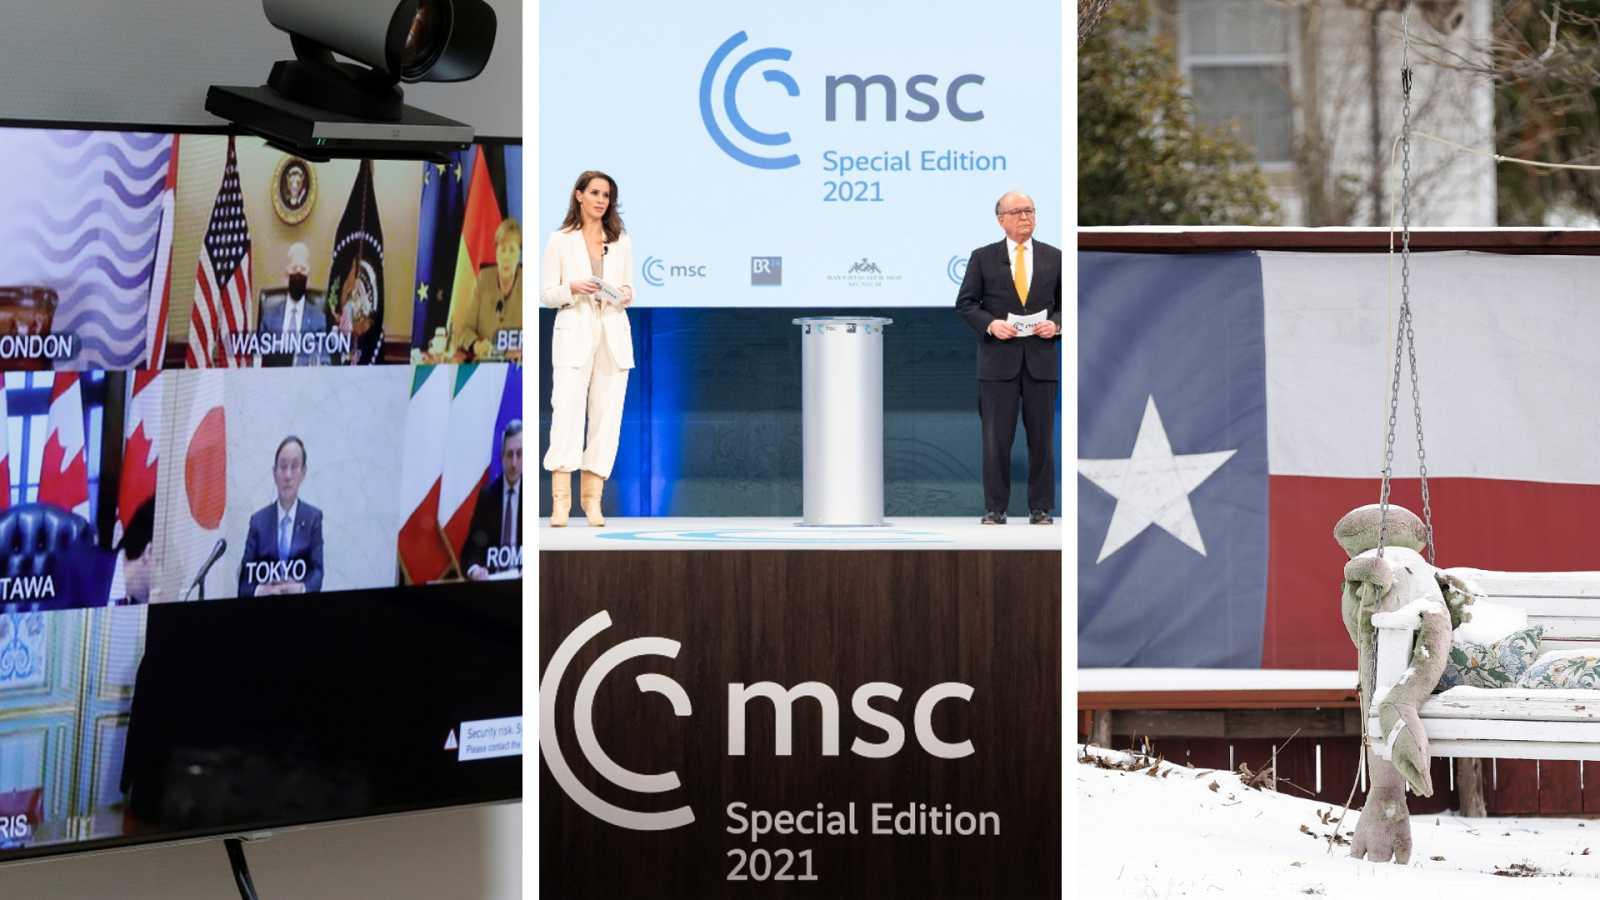 Cinco continentes - La alianza transatlántica ha vuelto - Escuchar ahora